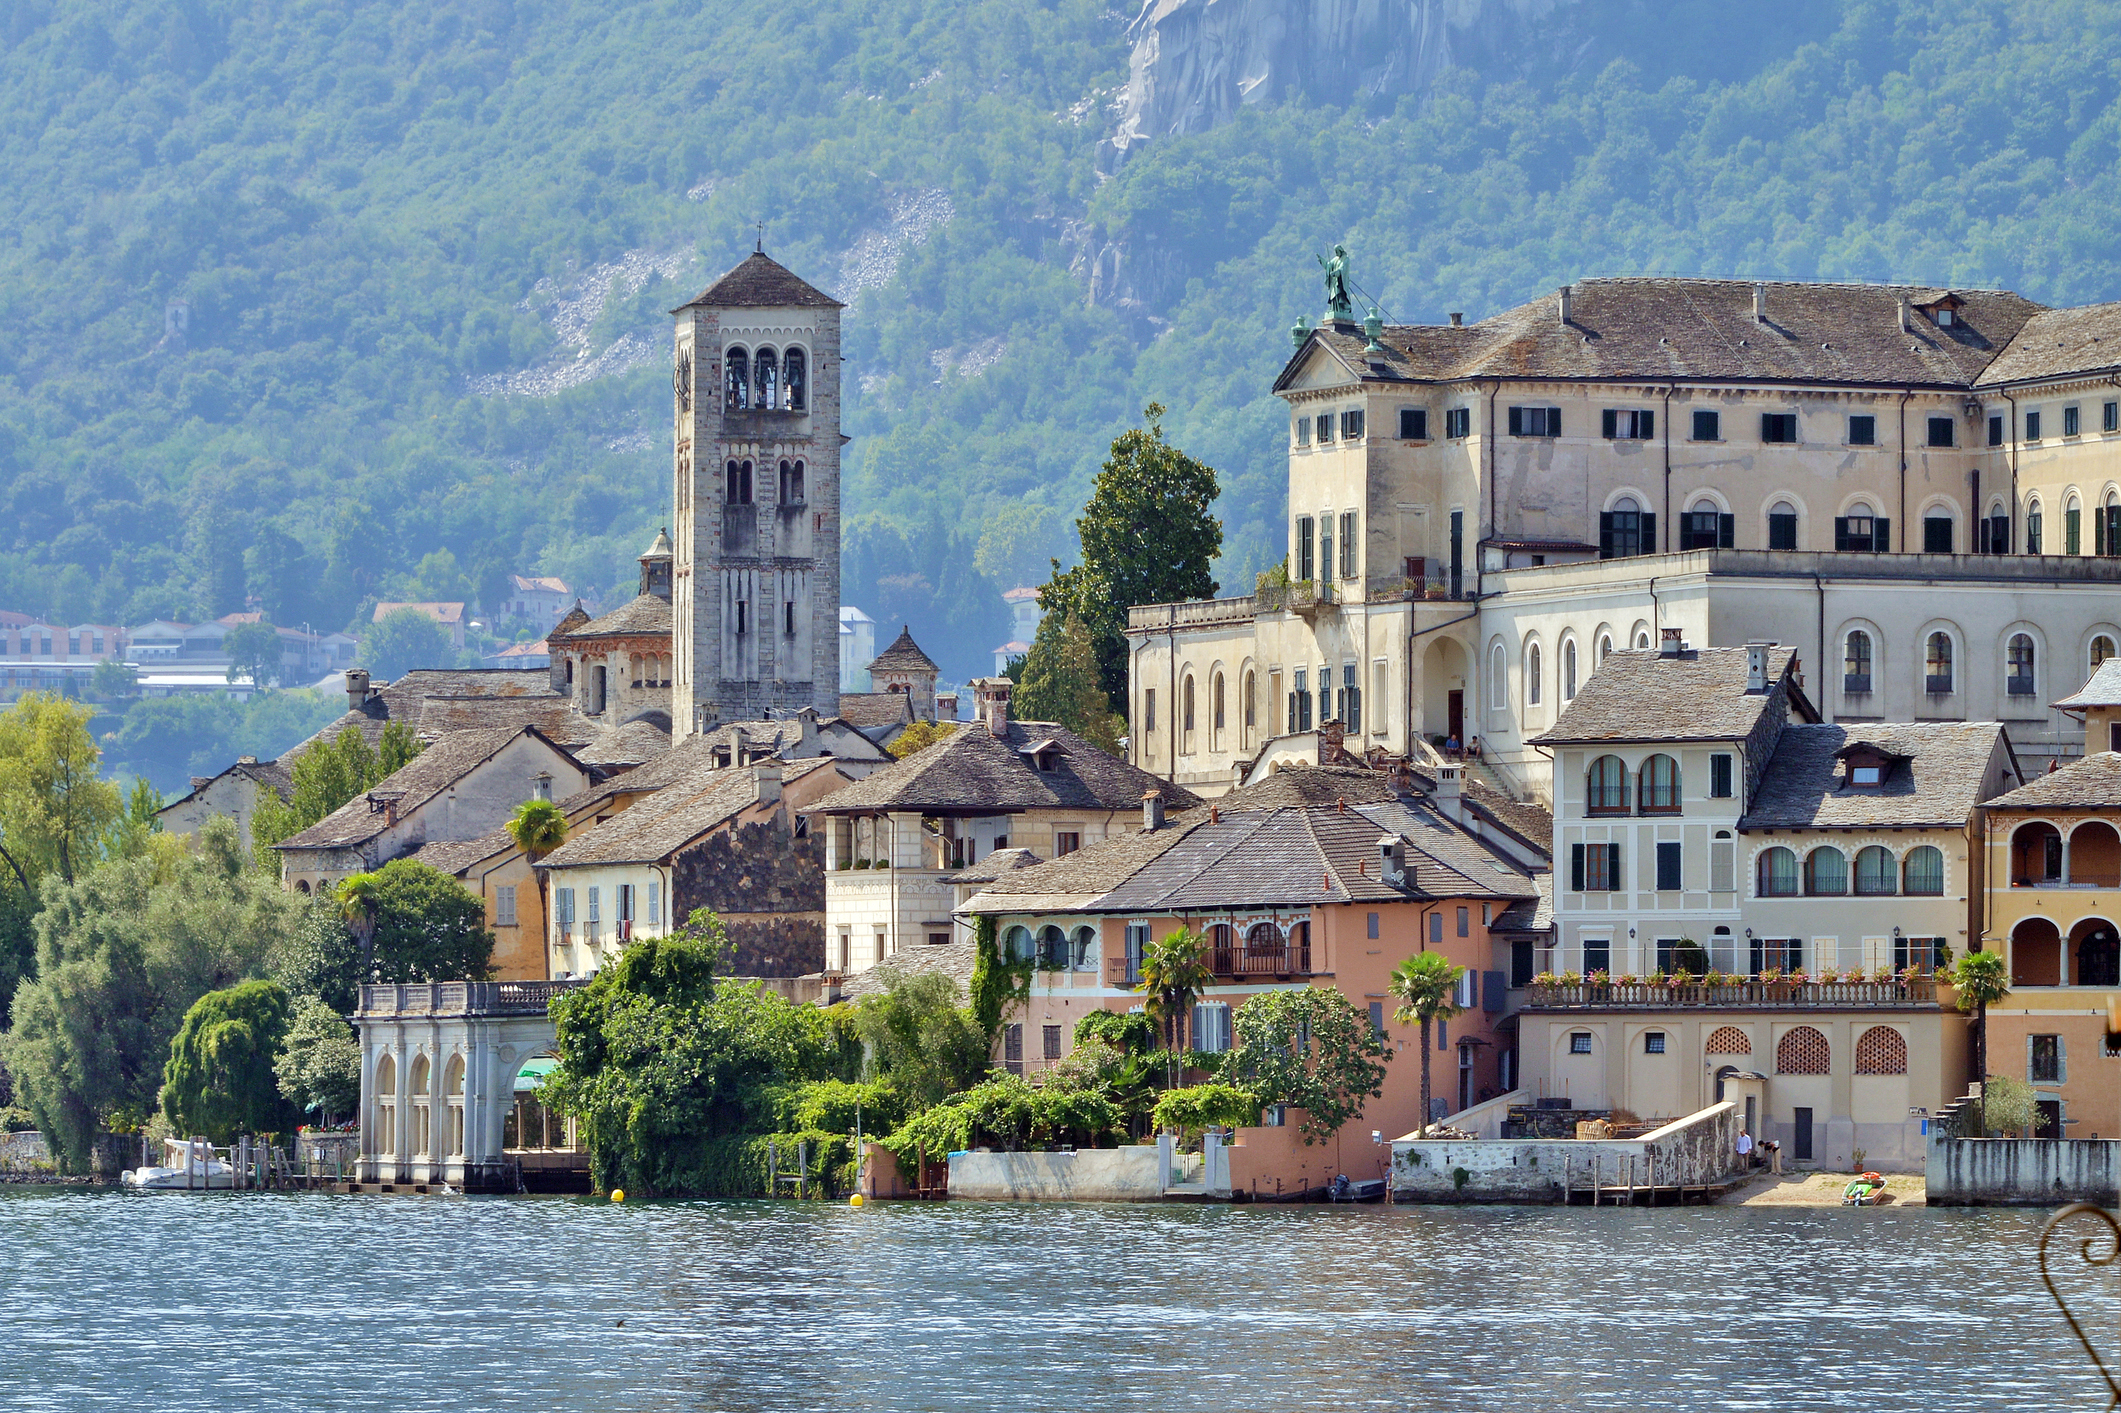 Орта Сан Джулио -е село иобщинавСевернаИталия, провинцияНовара, регионПиемонт. Разположено е на 294 метра надморска височина, на източния бряг на езероЛаго д'Орта.